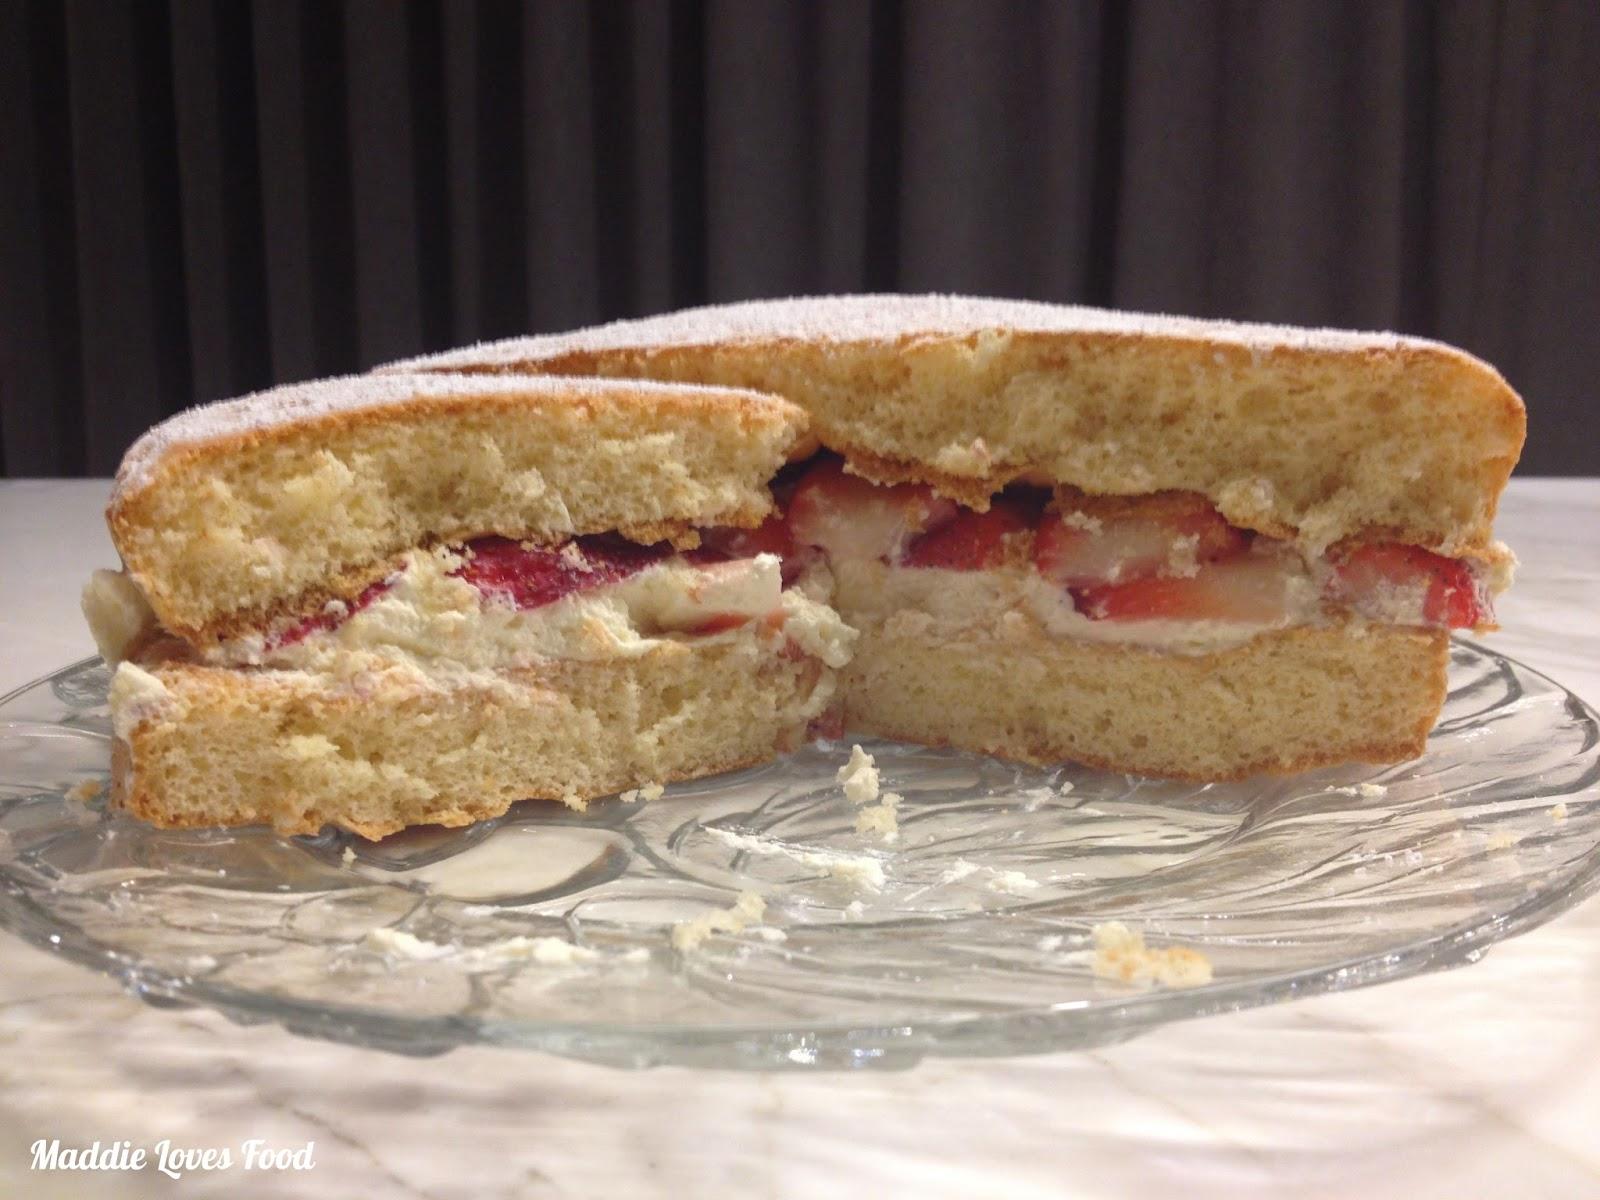 Strawberries & Cream Sponge Cake - Maddie Loves Food